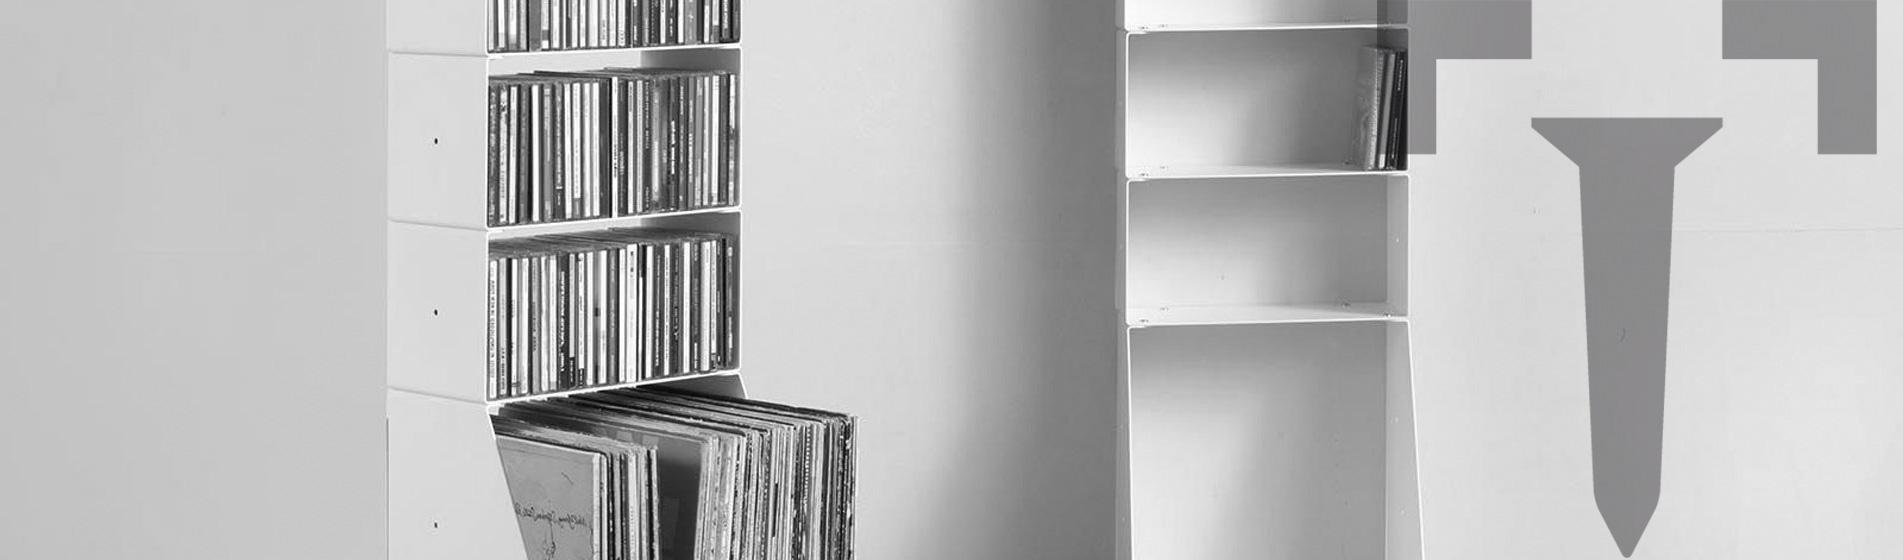 tag re range cd paris teebooks. Black Bedroom Furniture Sets. Home Design Ideas